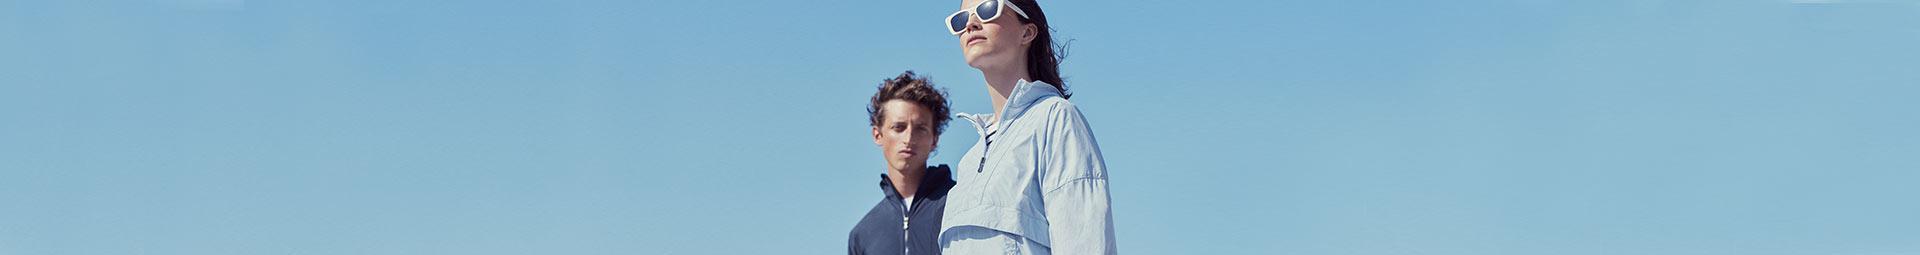 Soldes d'hiver   Doudounes, parkas, vêtements et plus   Pyrenex